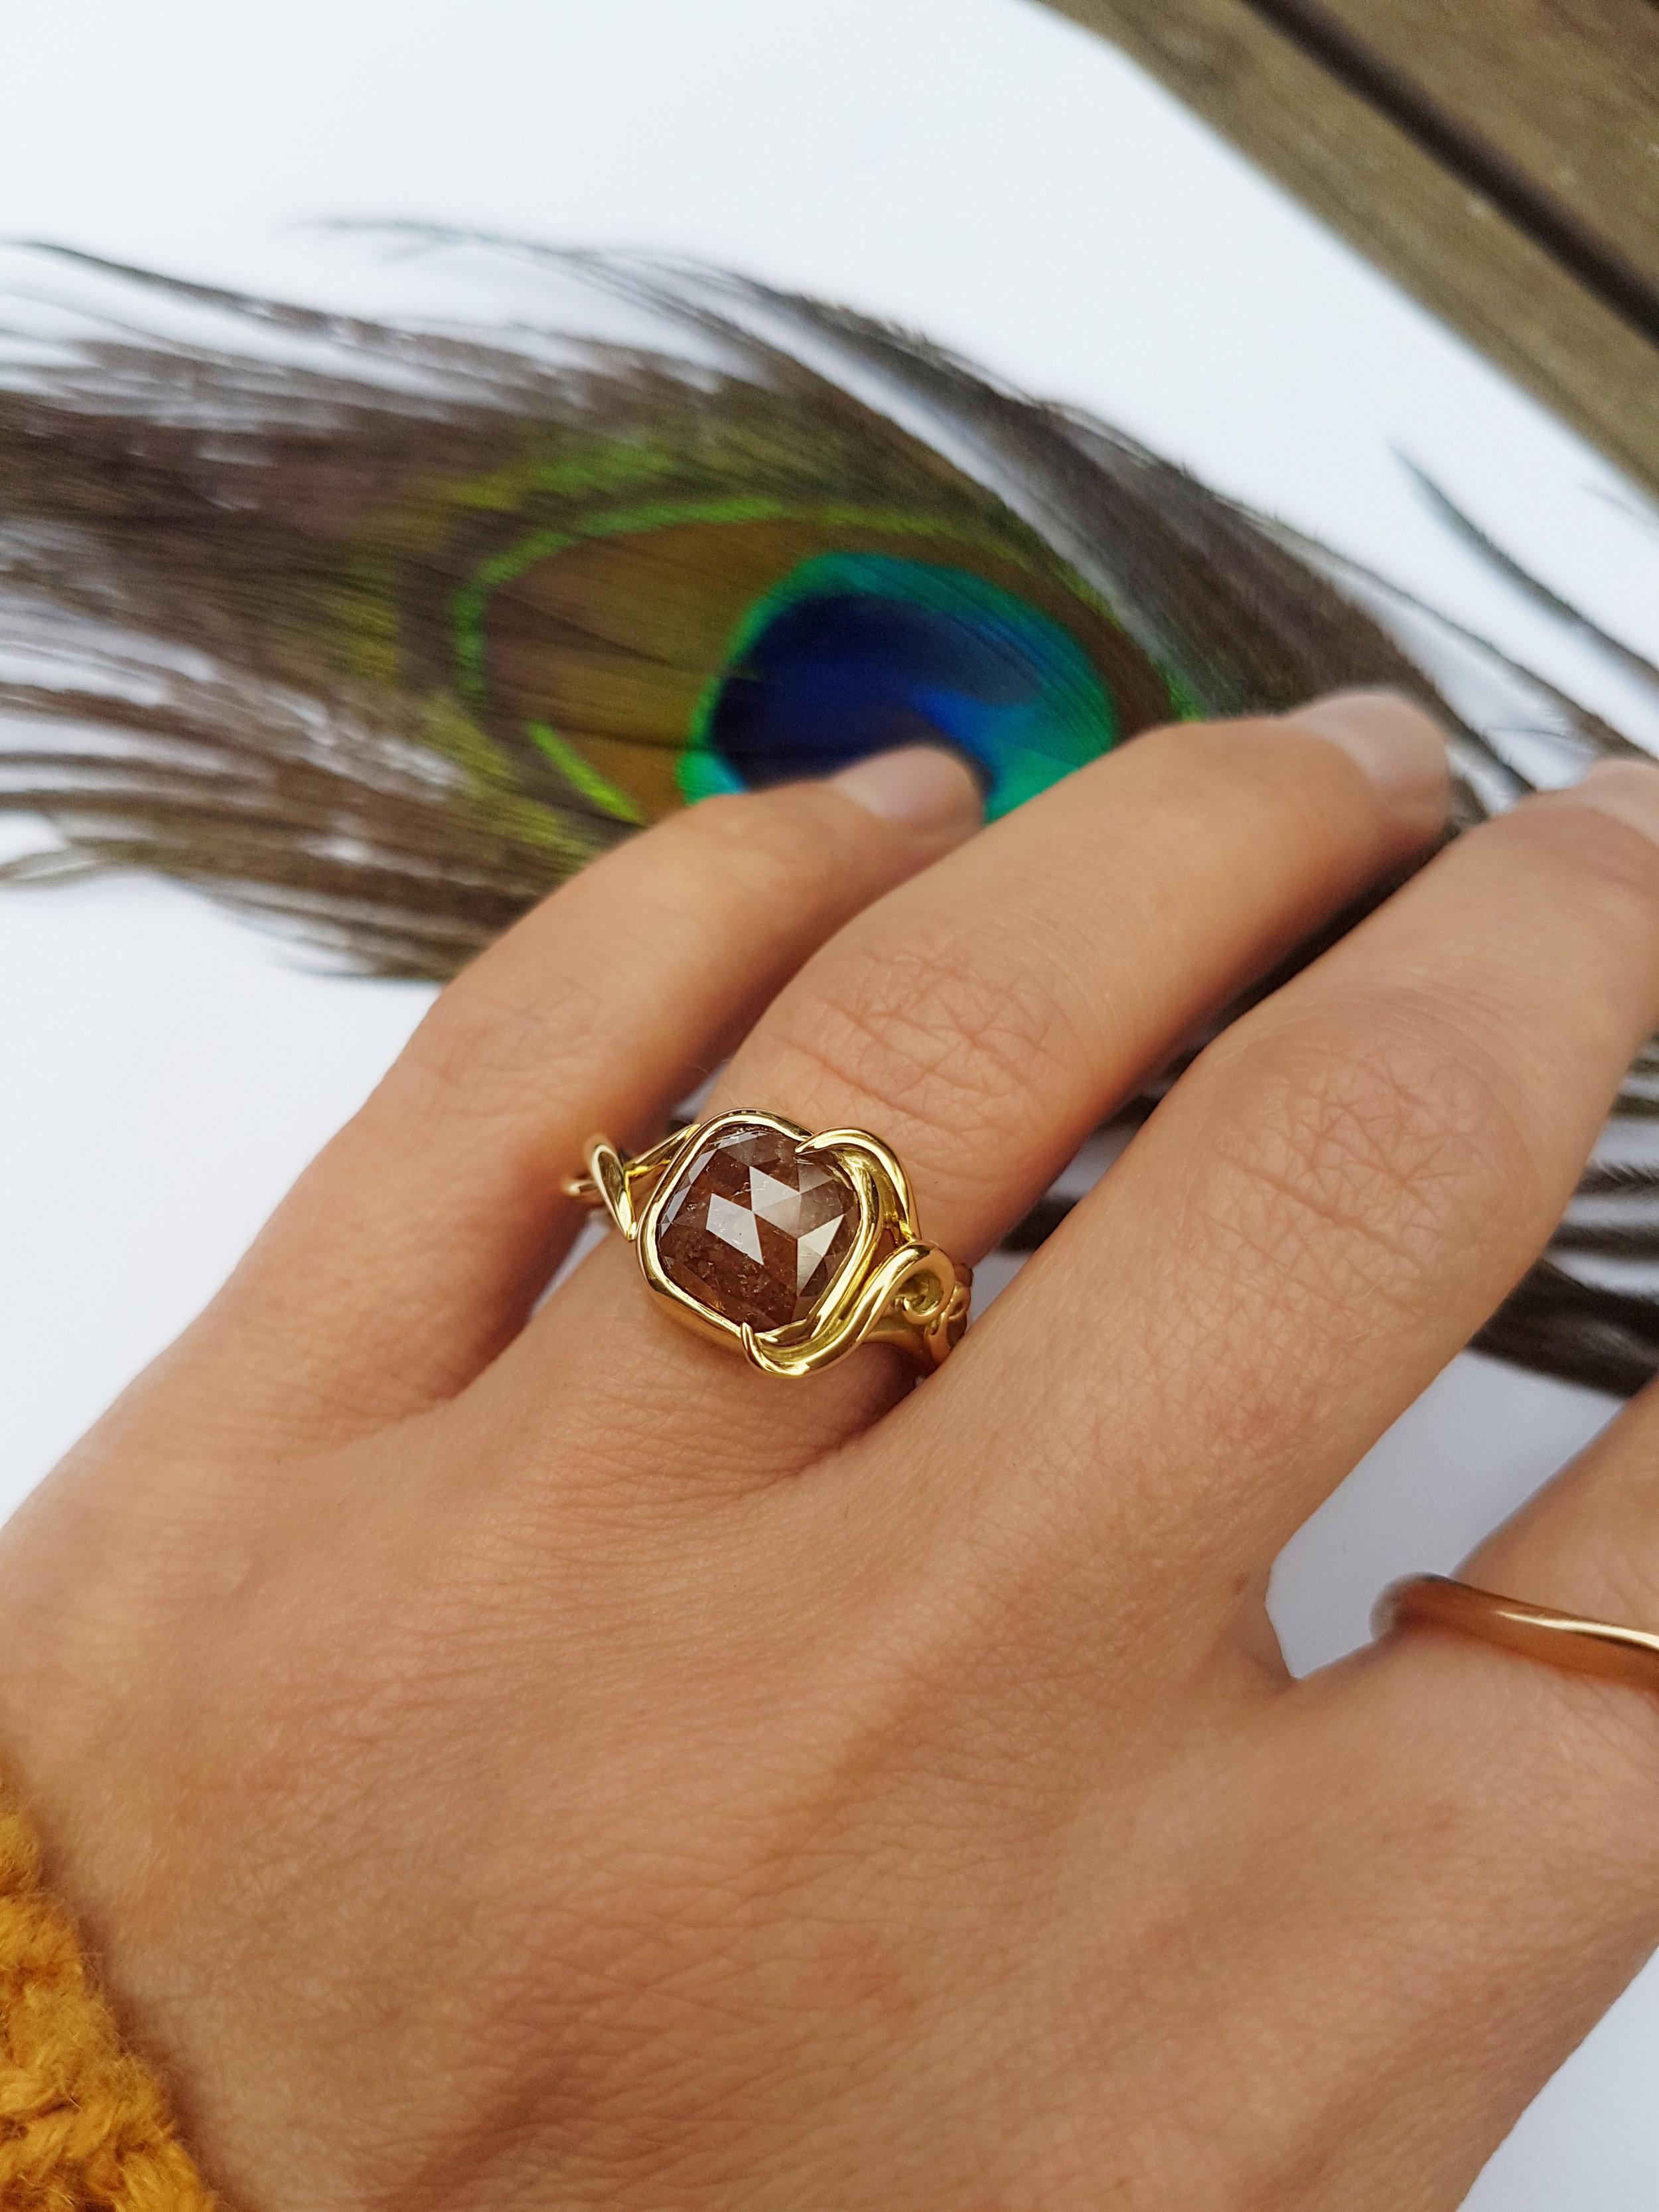 peacock-thumb.jpg